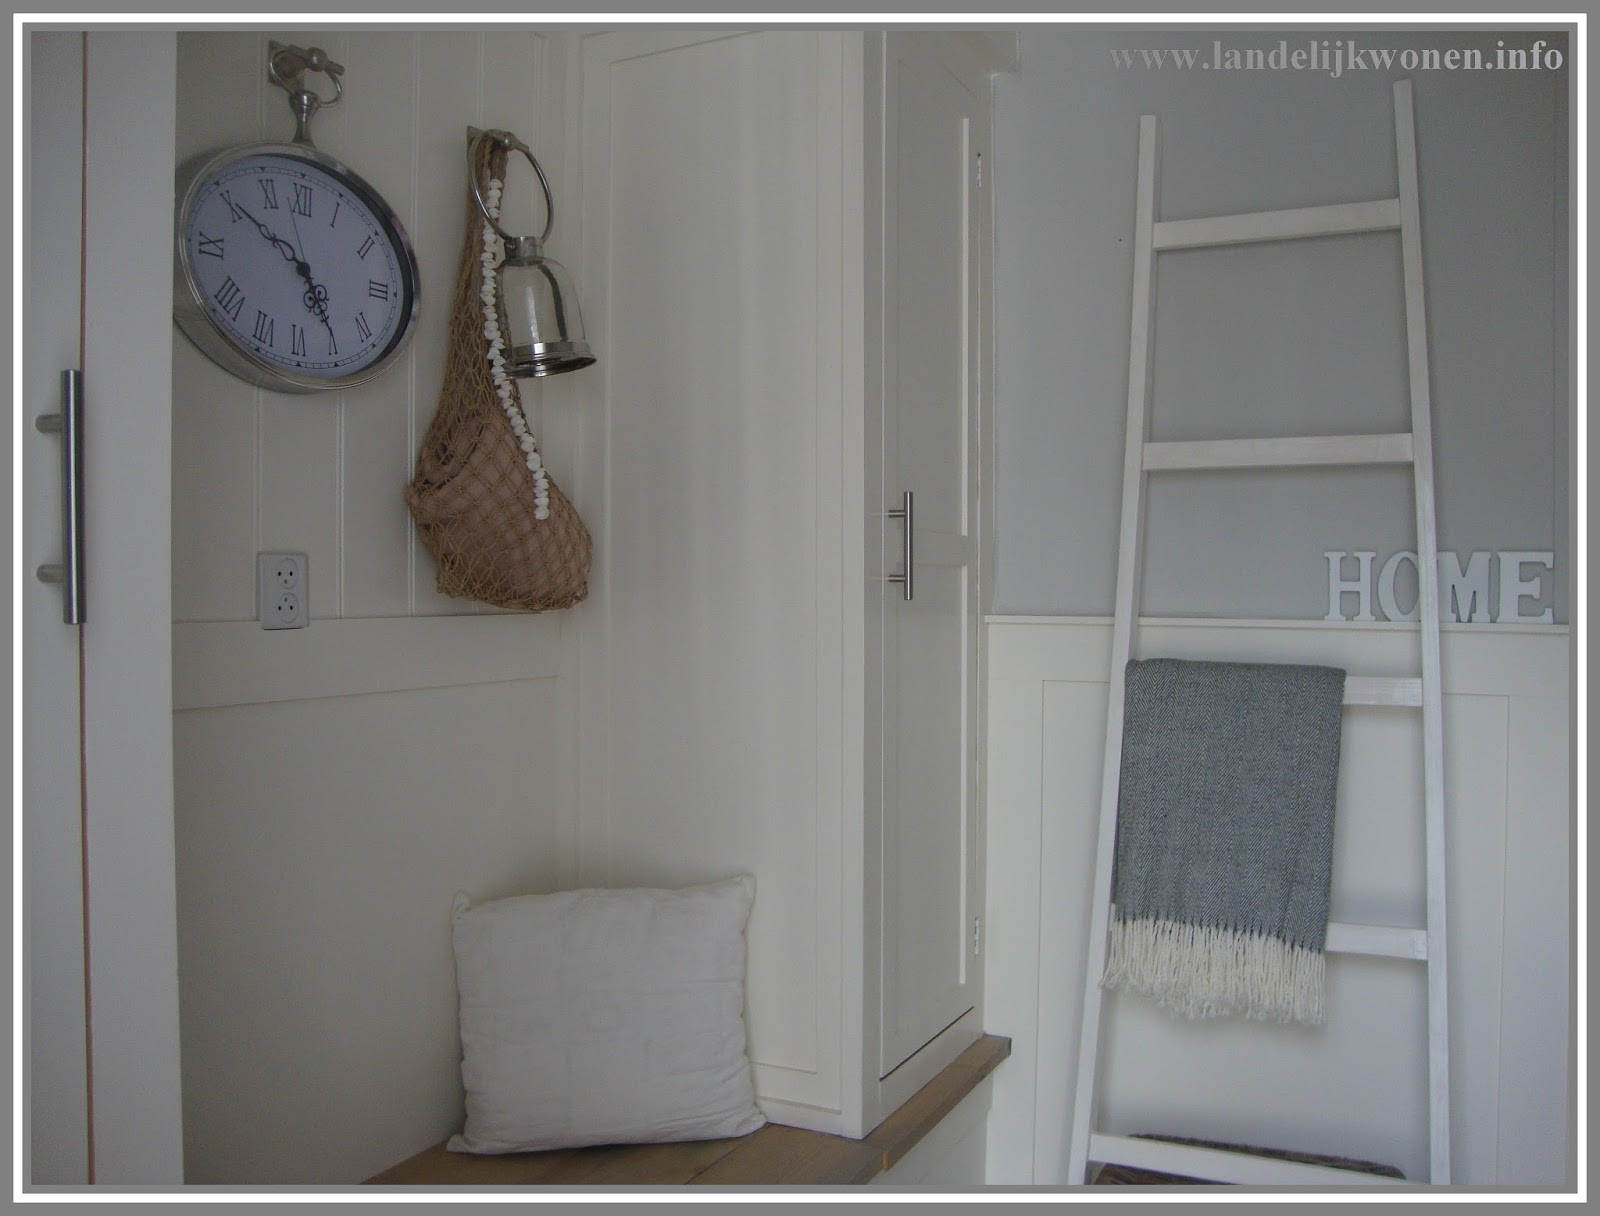 Imgbd.com - Slaapkamer Decoratie Idee ~ De laatste slaapkamer ...